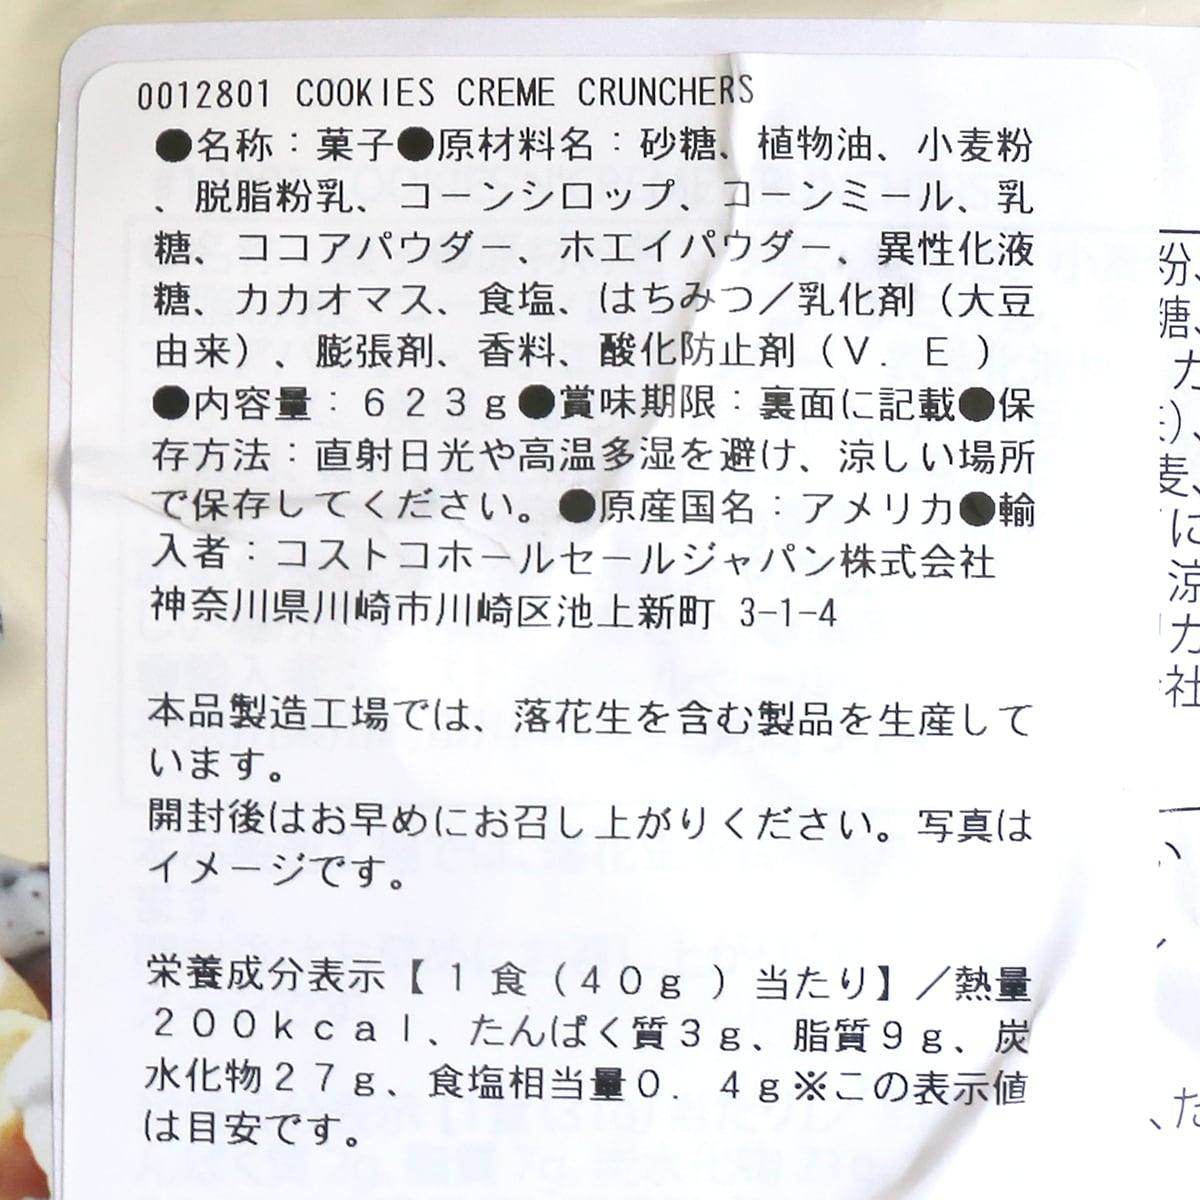 ハーシーズ クッキー&クリーム クランチャーズ 裏面ラベル(原材料・カロリーほか)